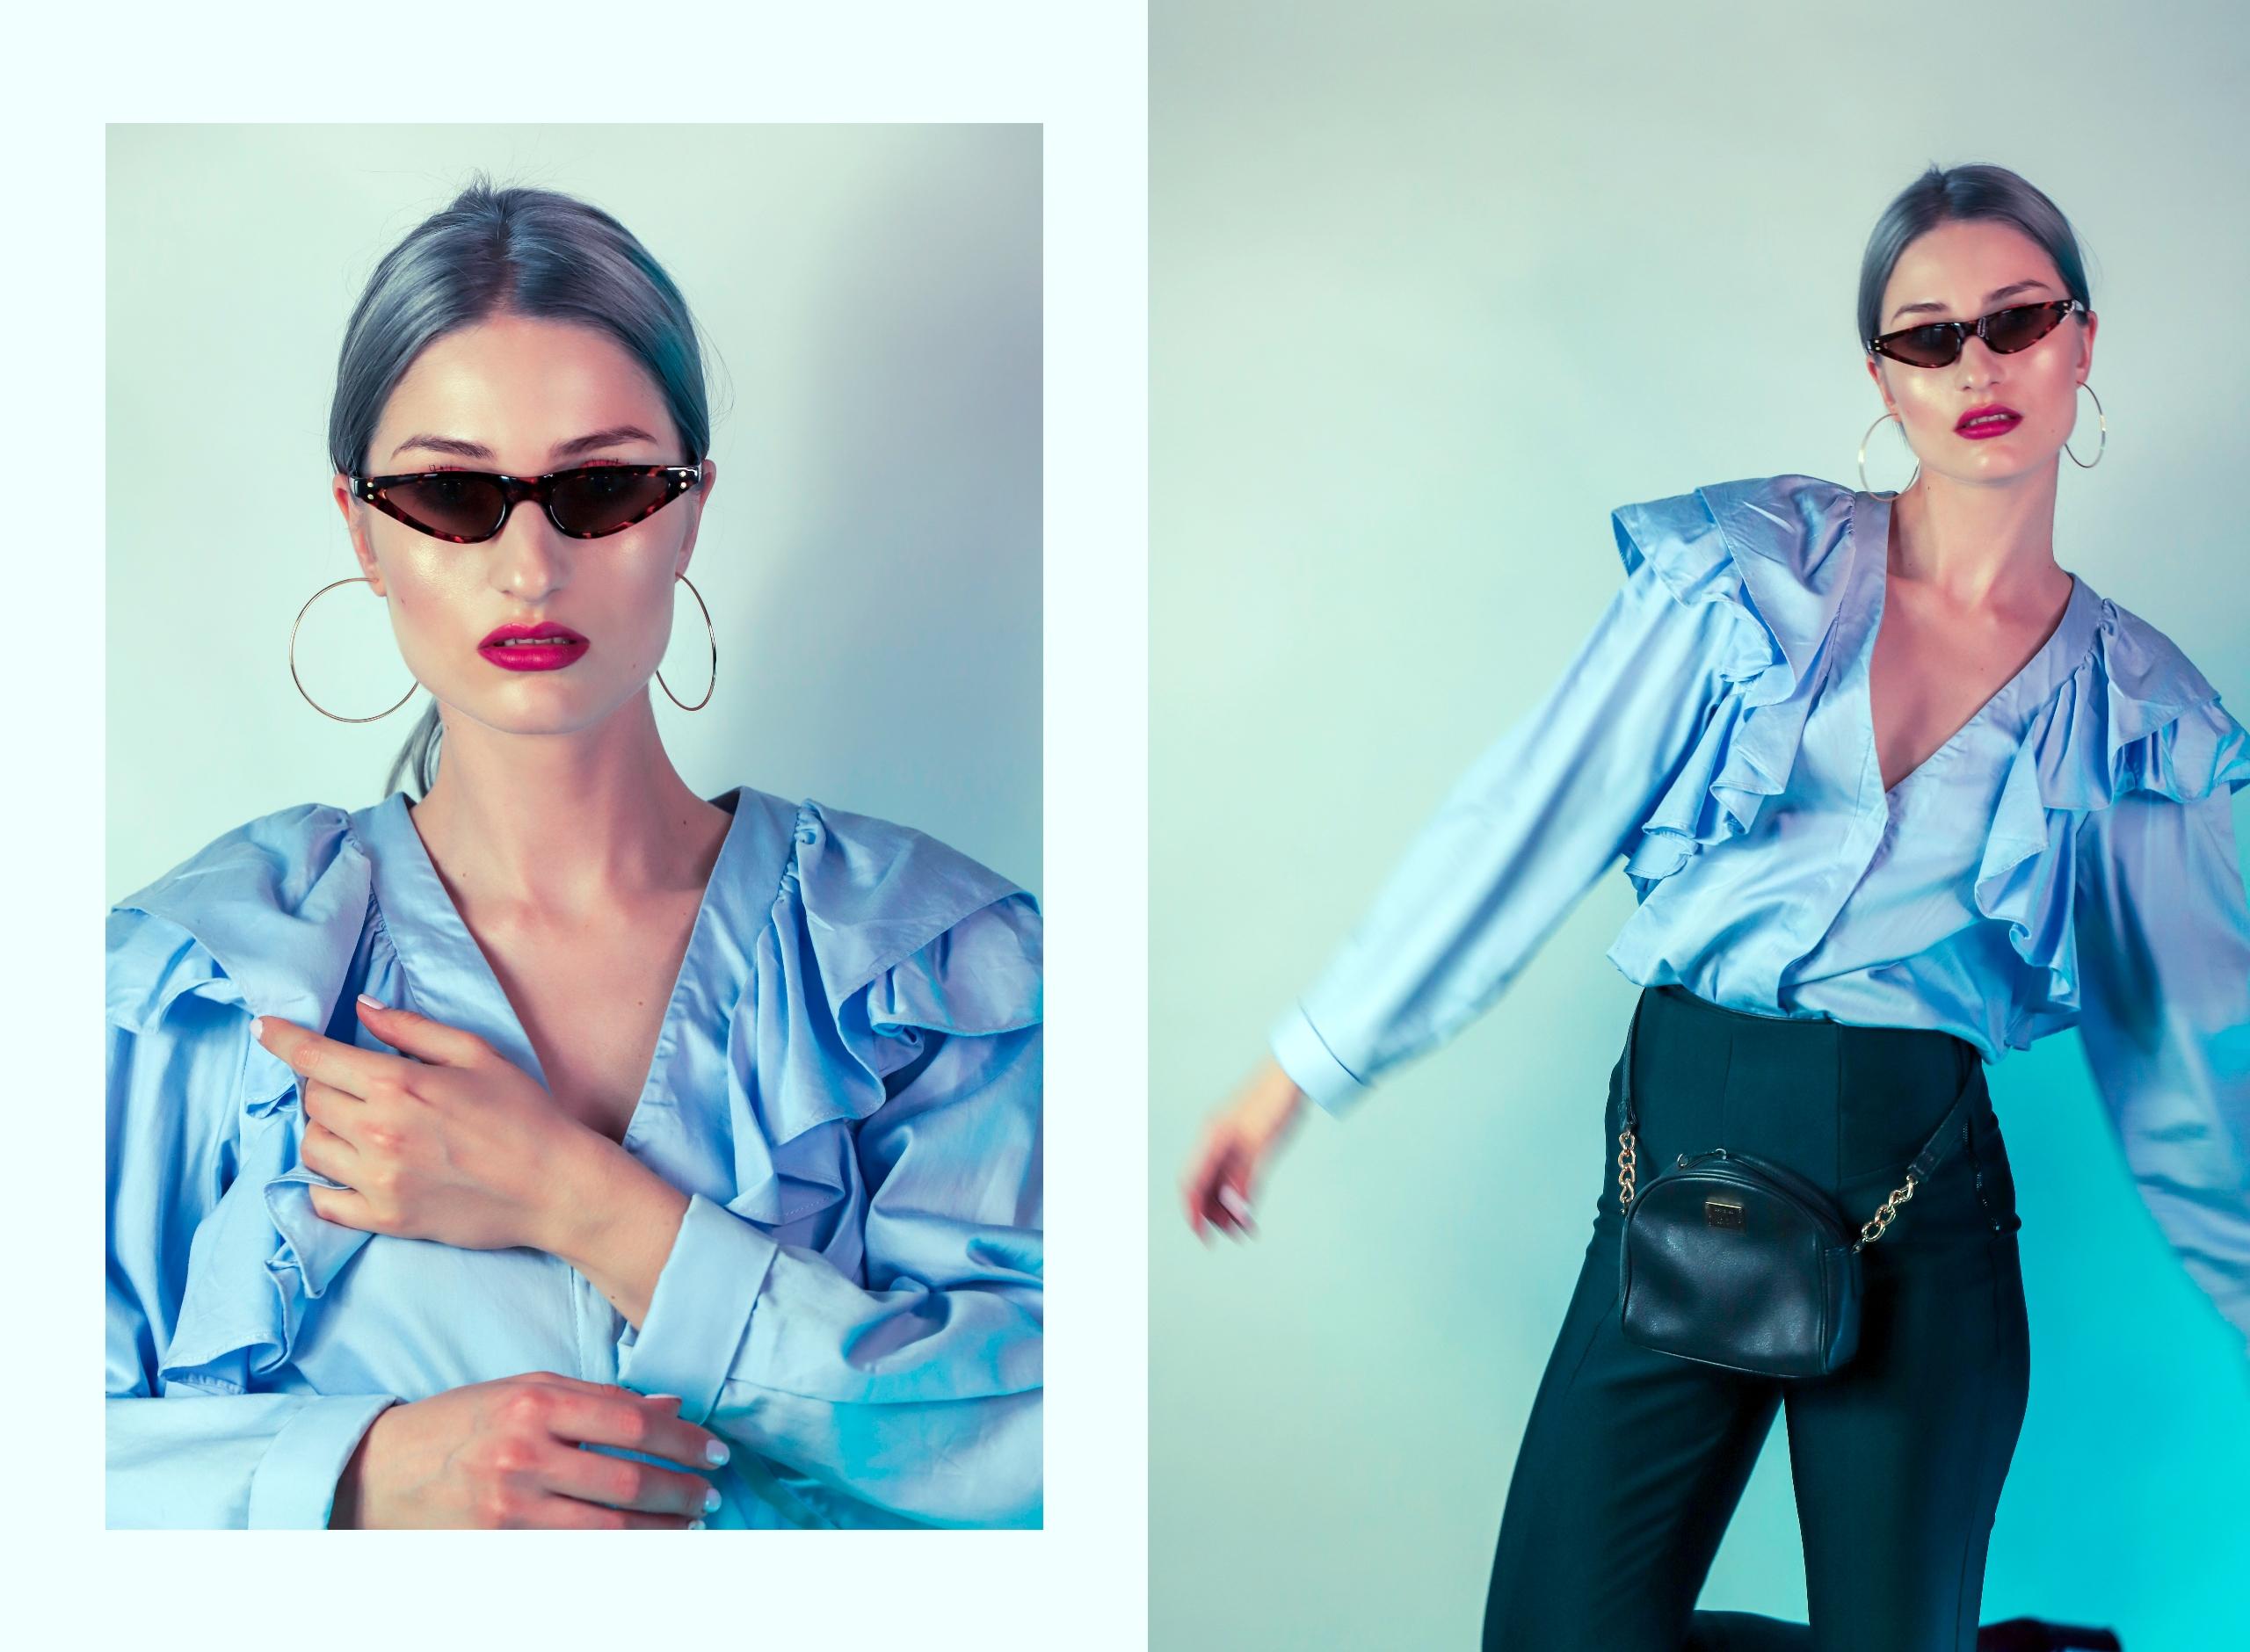 Obraz przedstawia dwa zdjęcia kobiety w błękitnej koszuli z falbaną. Kobieta ma siwe włosy, kolczyki i okulary przeciwsłoneczne.